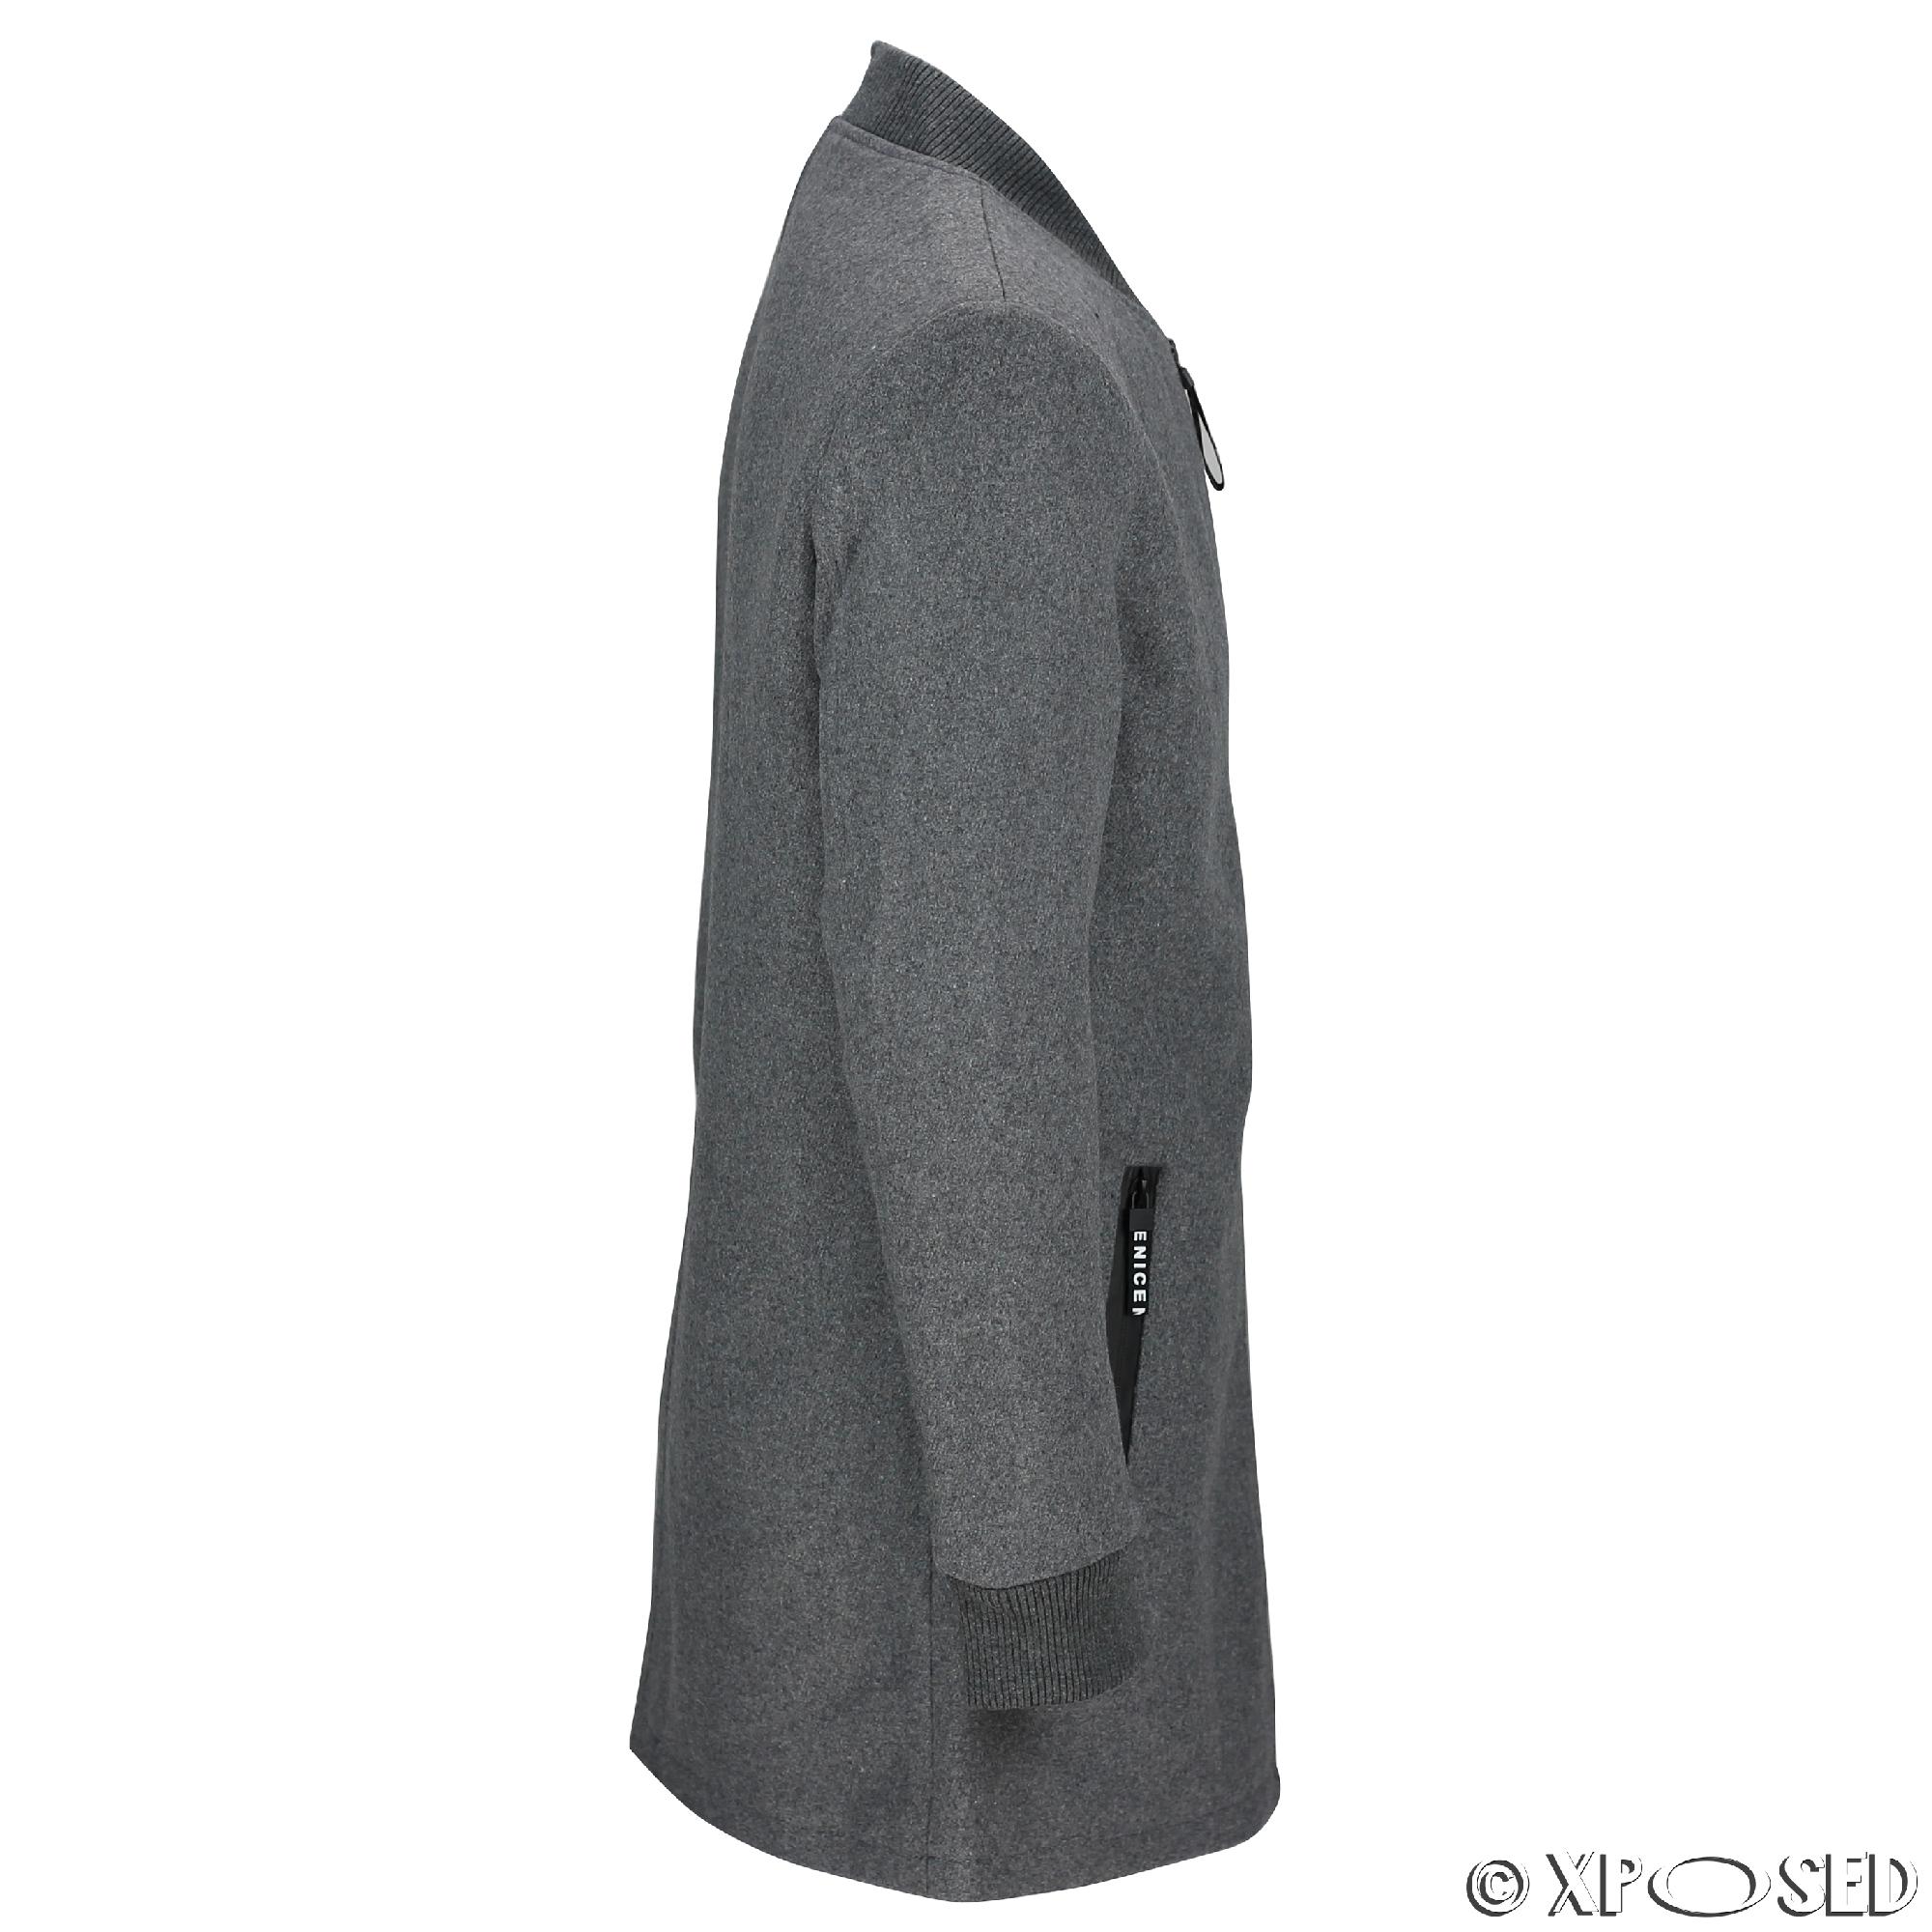 NUOVA linea uomo giacca sartoriale dal taglio lungo Bomber Misto Lana Baseball Cappotto Slim Fit in nero grigio